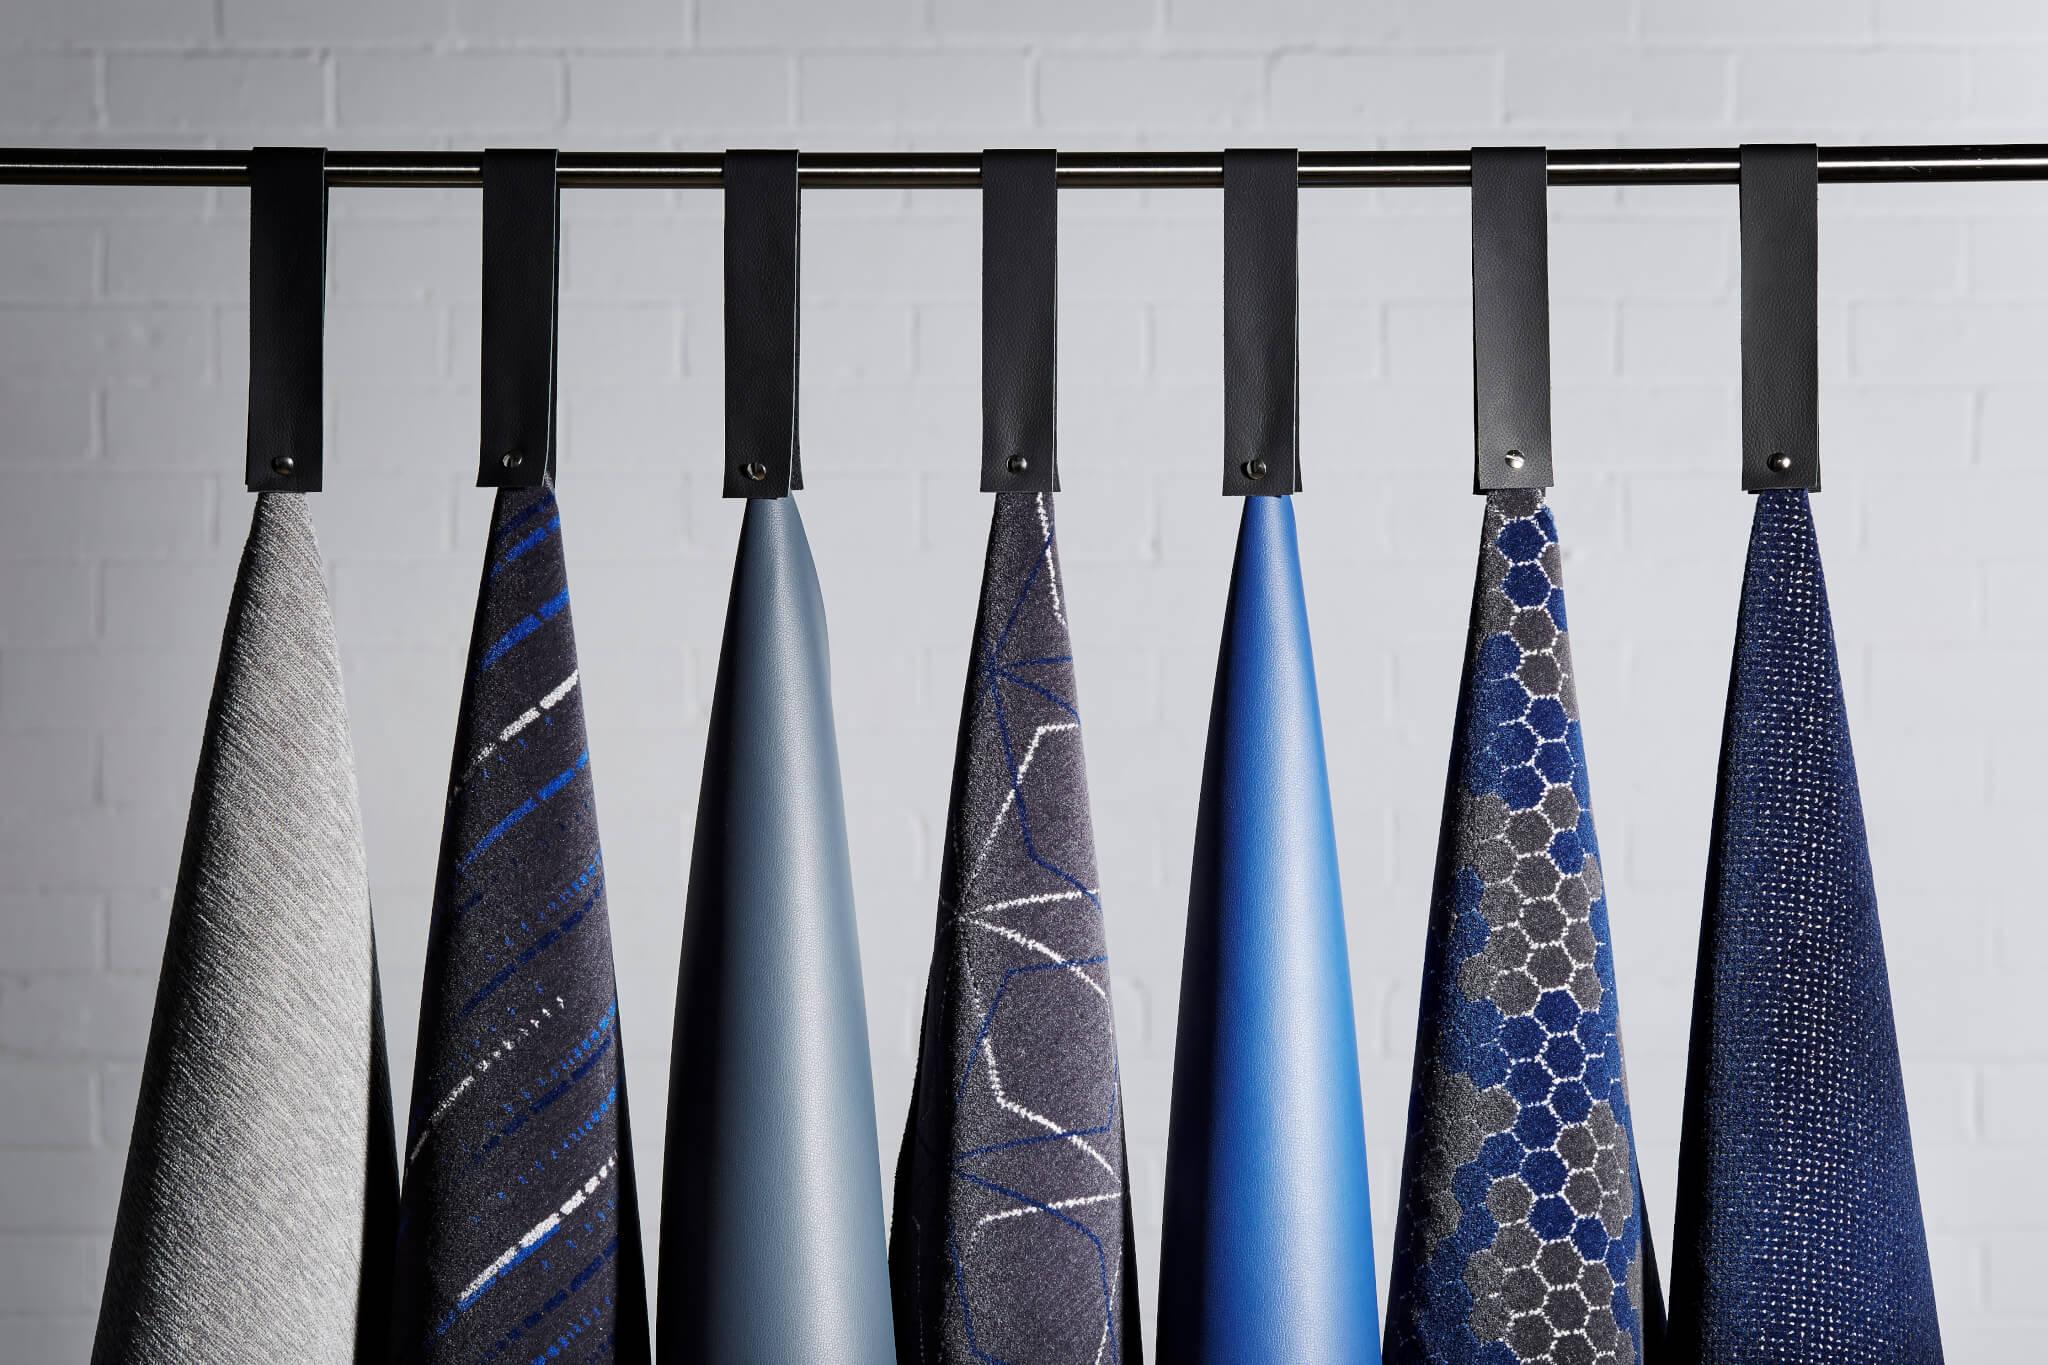 Moquette fabric, Aura Twist and vinyl, Vita